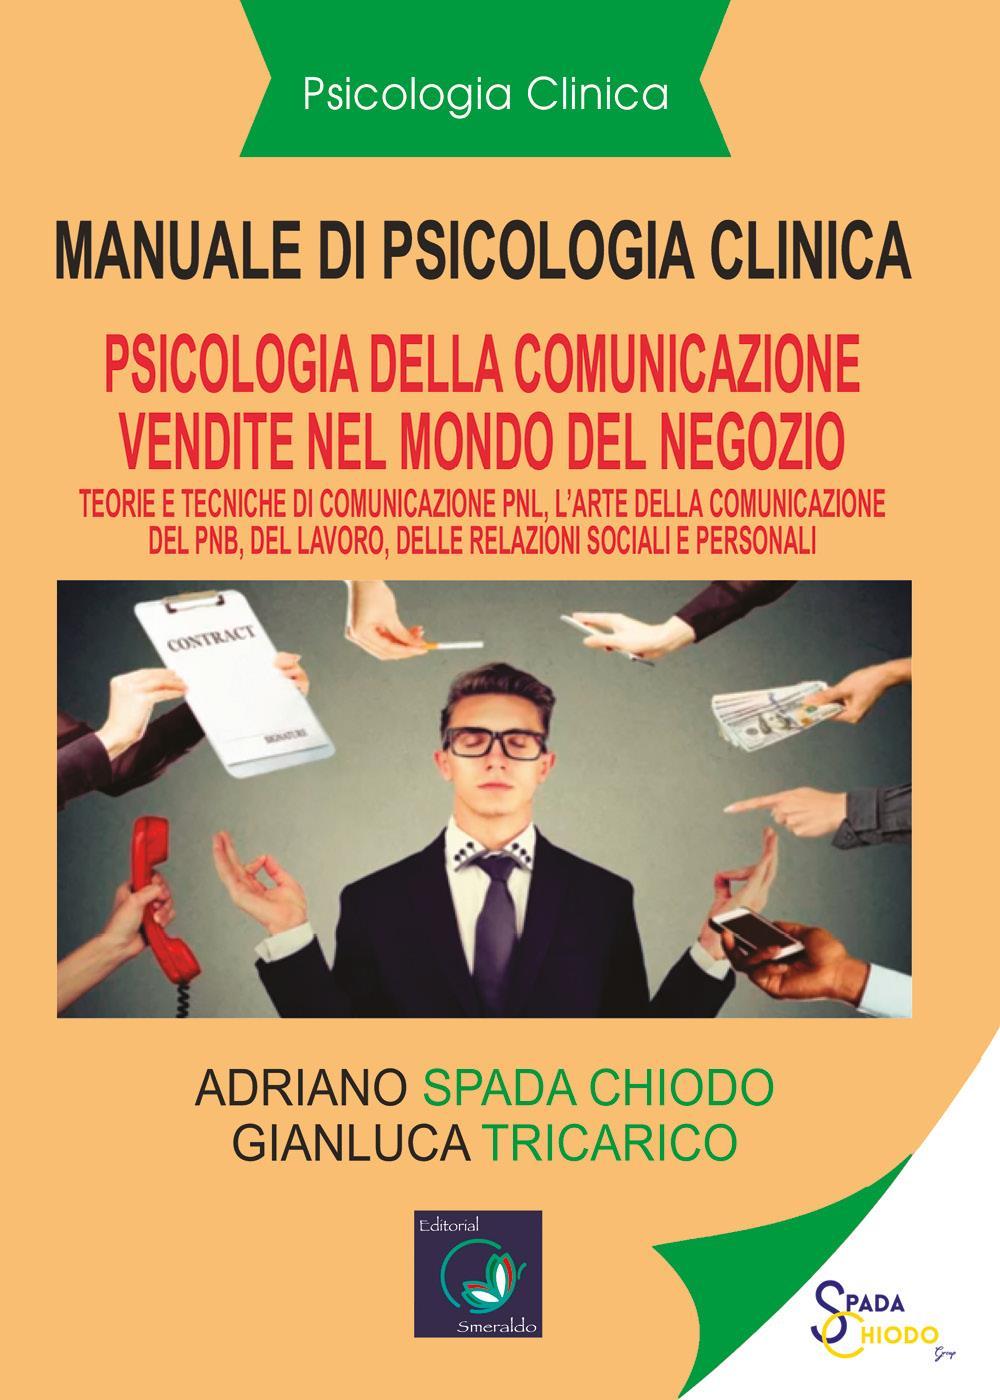 Psicologia Clinica - Psicologia della comunicazione di vendita - Pnl - L'arte della comunicazione della Pnl, nel lavoro, relazioni sociali e personali